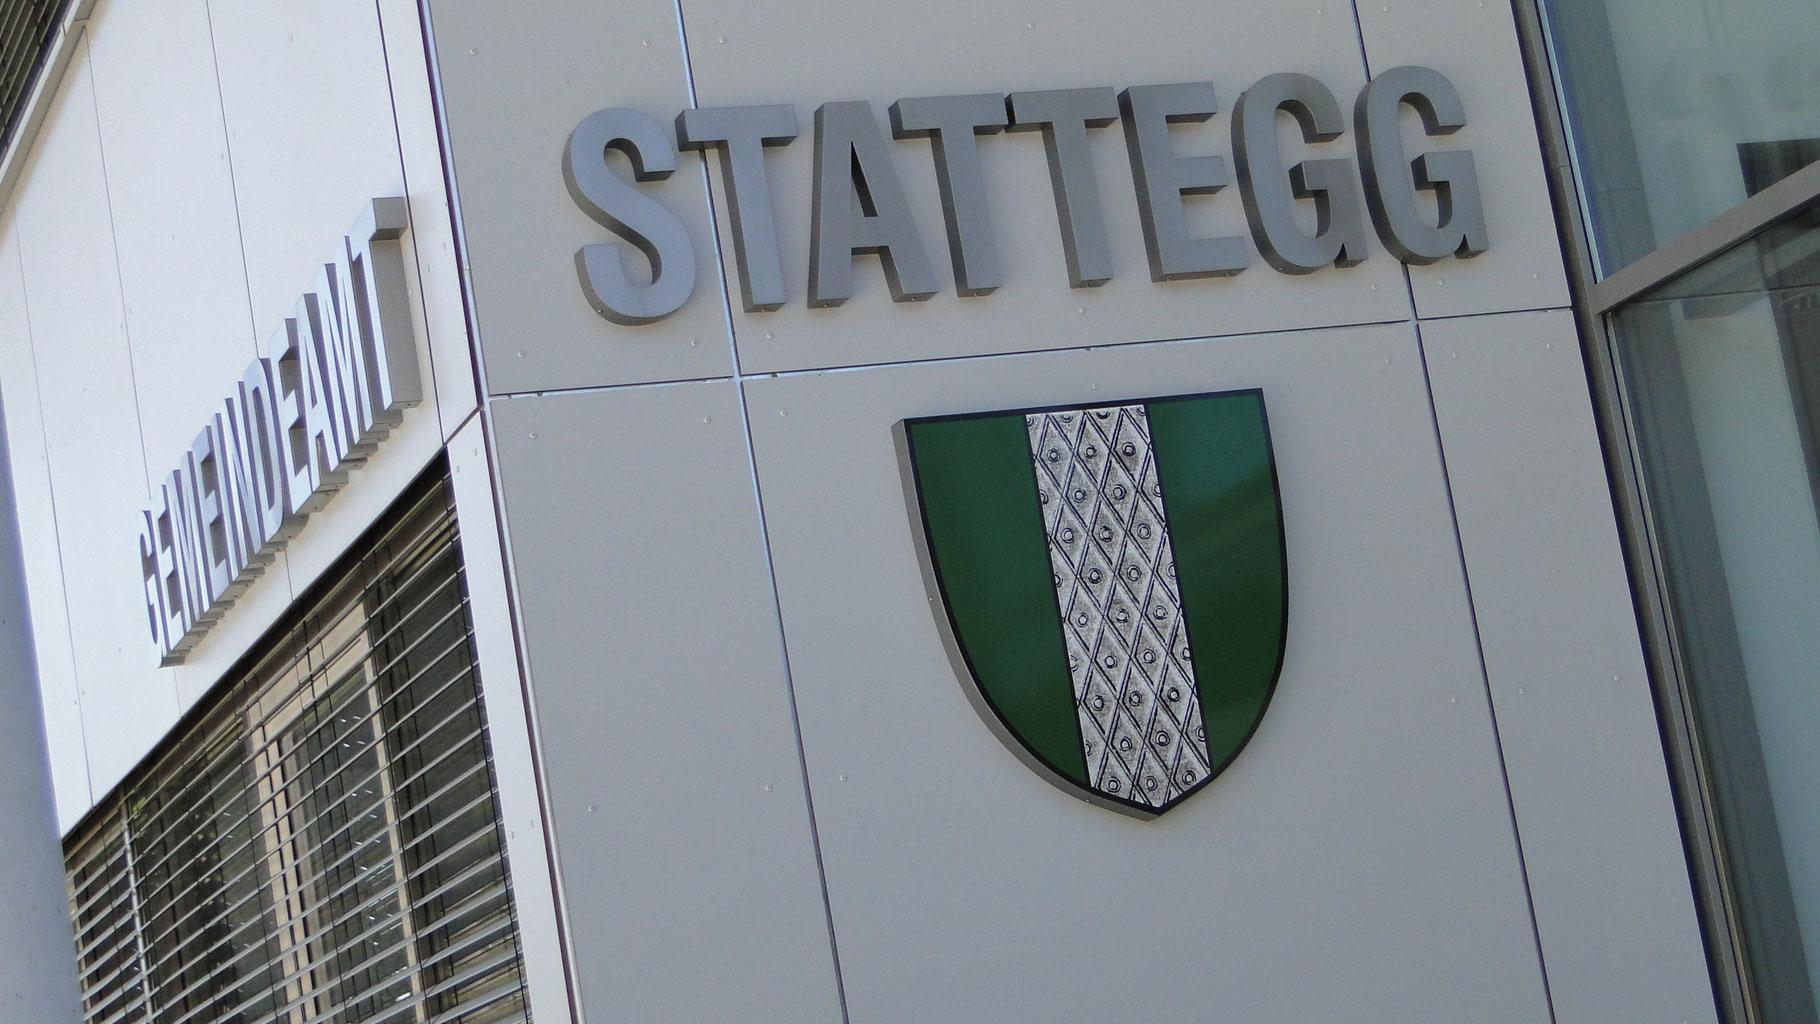 Information vom 13.03.2020: Gemeinde Stattegg